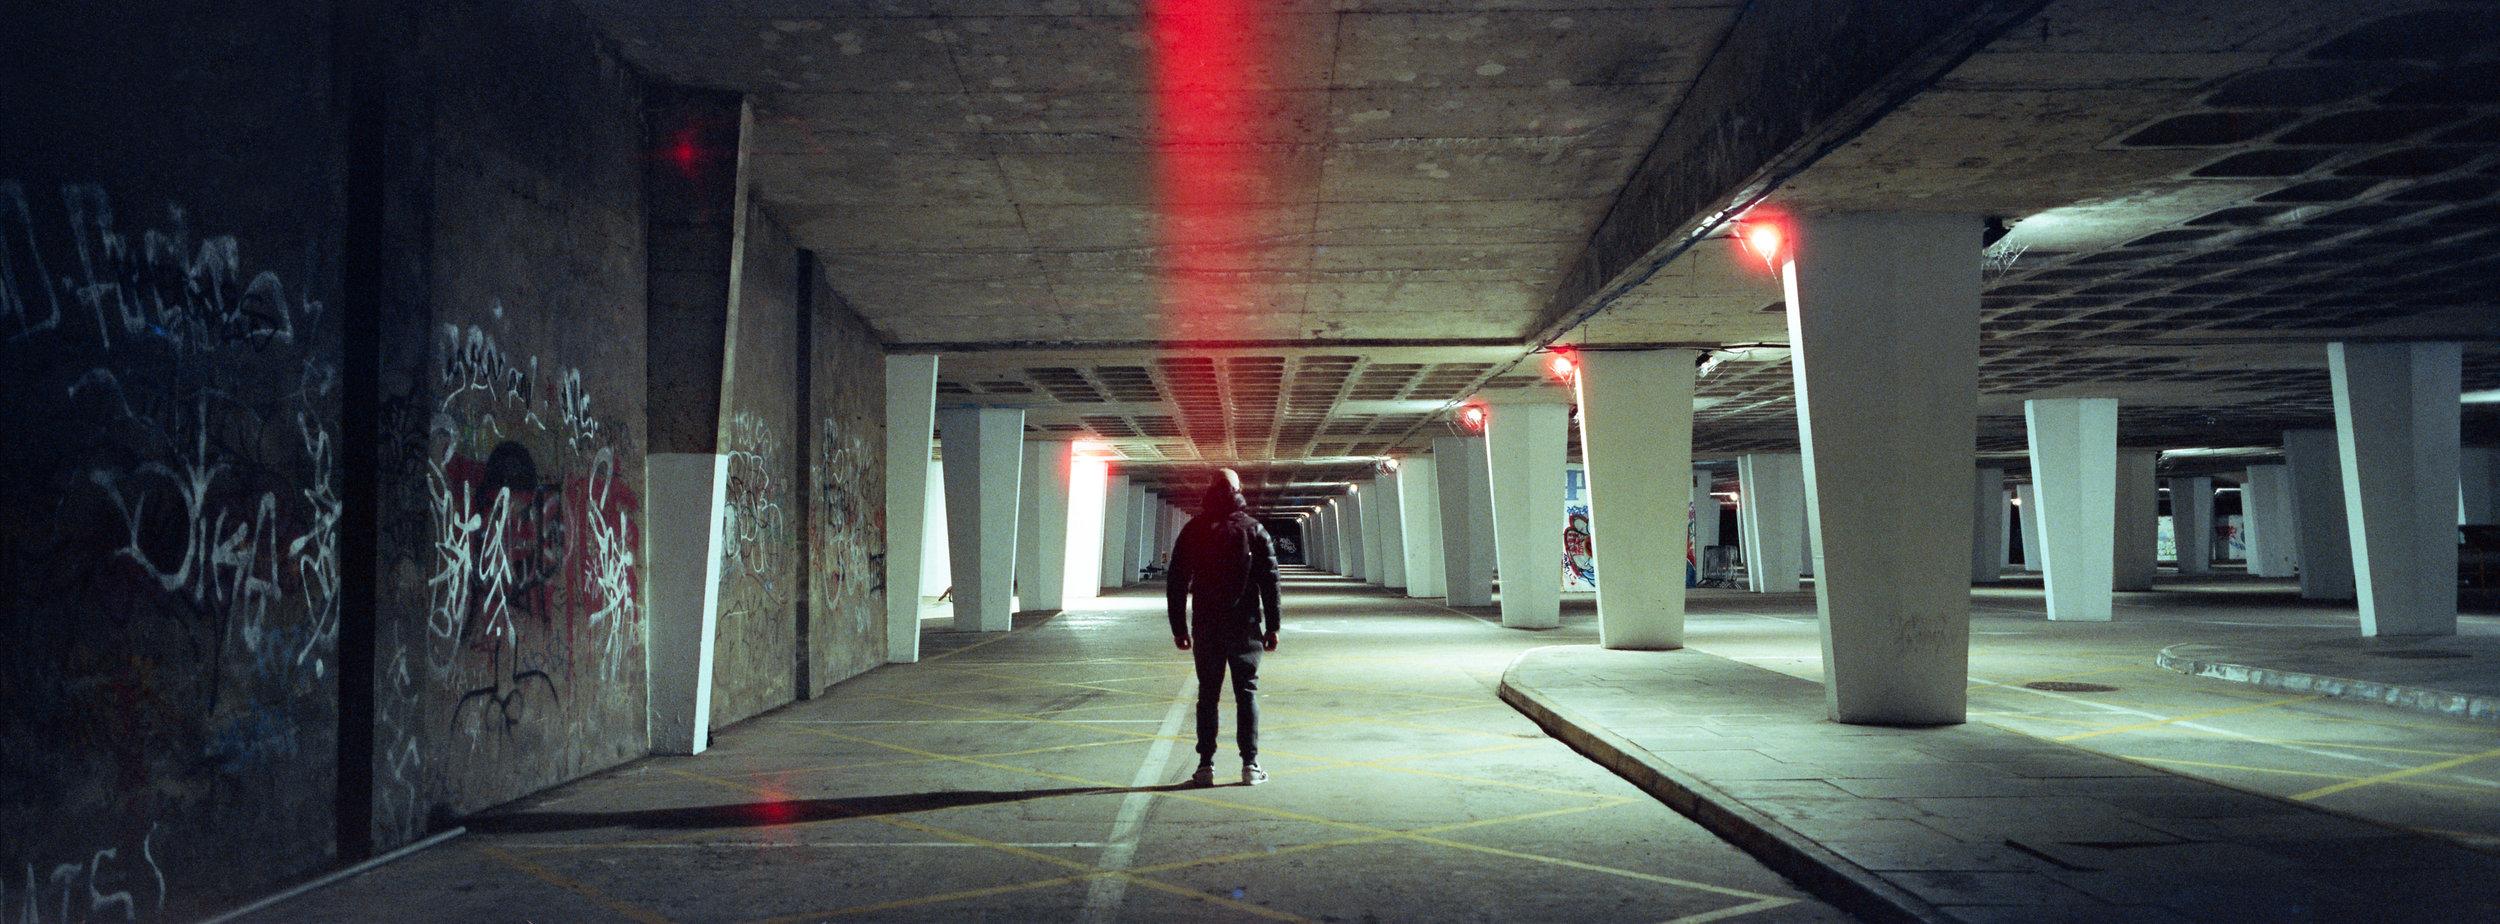 hasselblad xpan cinestill 800t.jpg